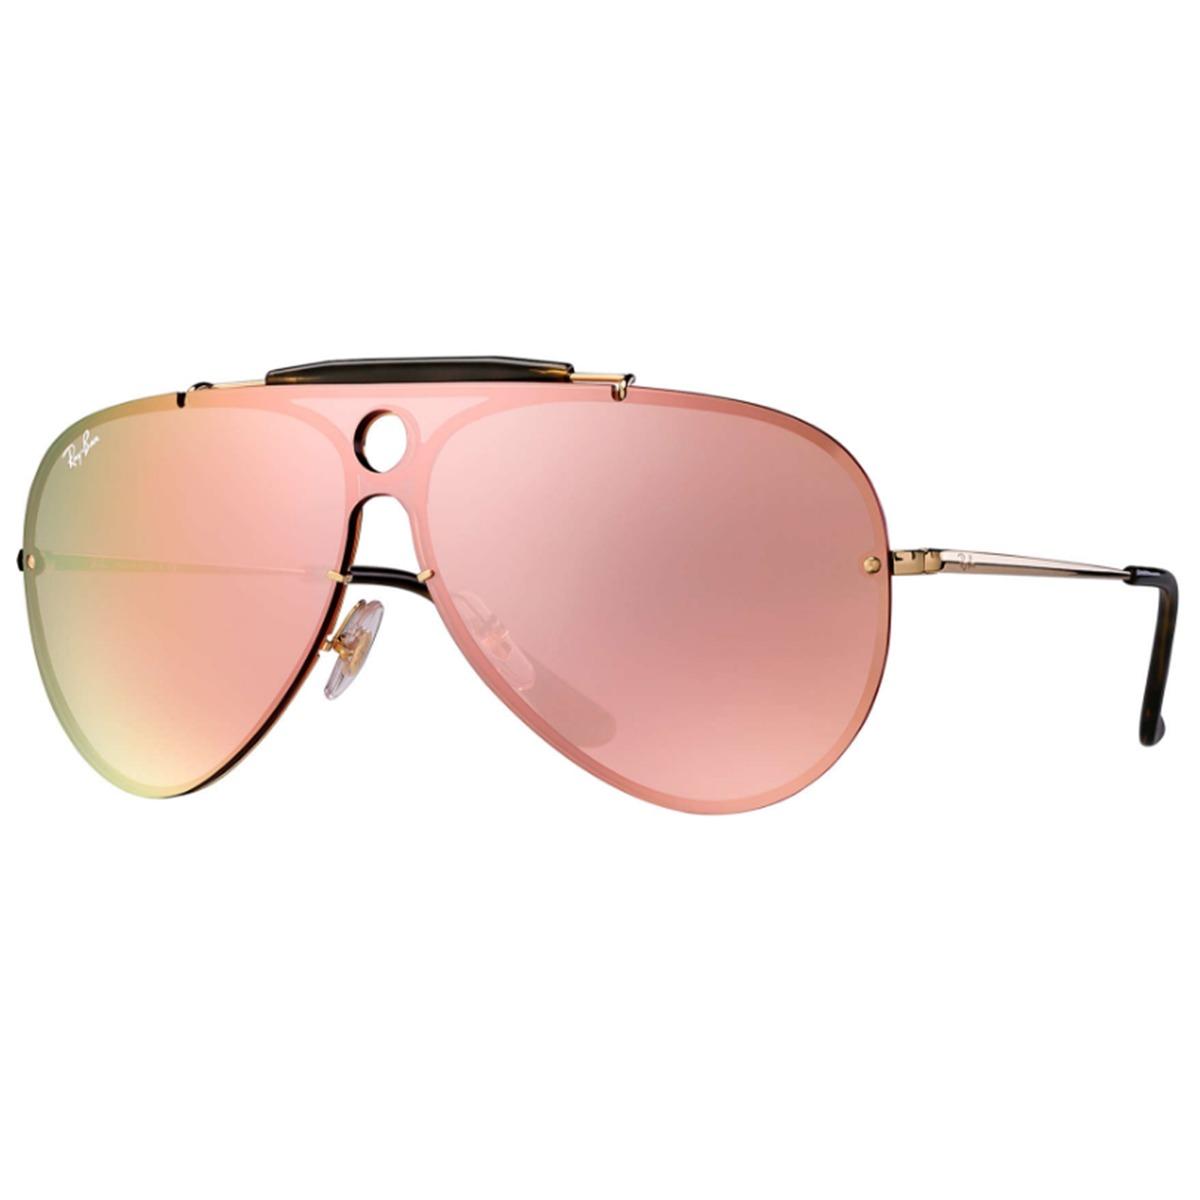 00f1d6f68a3f9 Óculos De Sol Ray Ban Blaze Shooter Rb3581 001 e4 - R  578,00 em ...